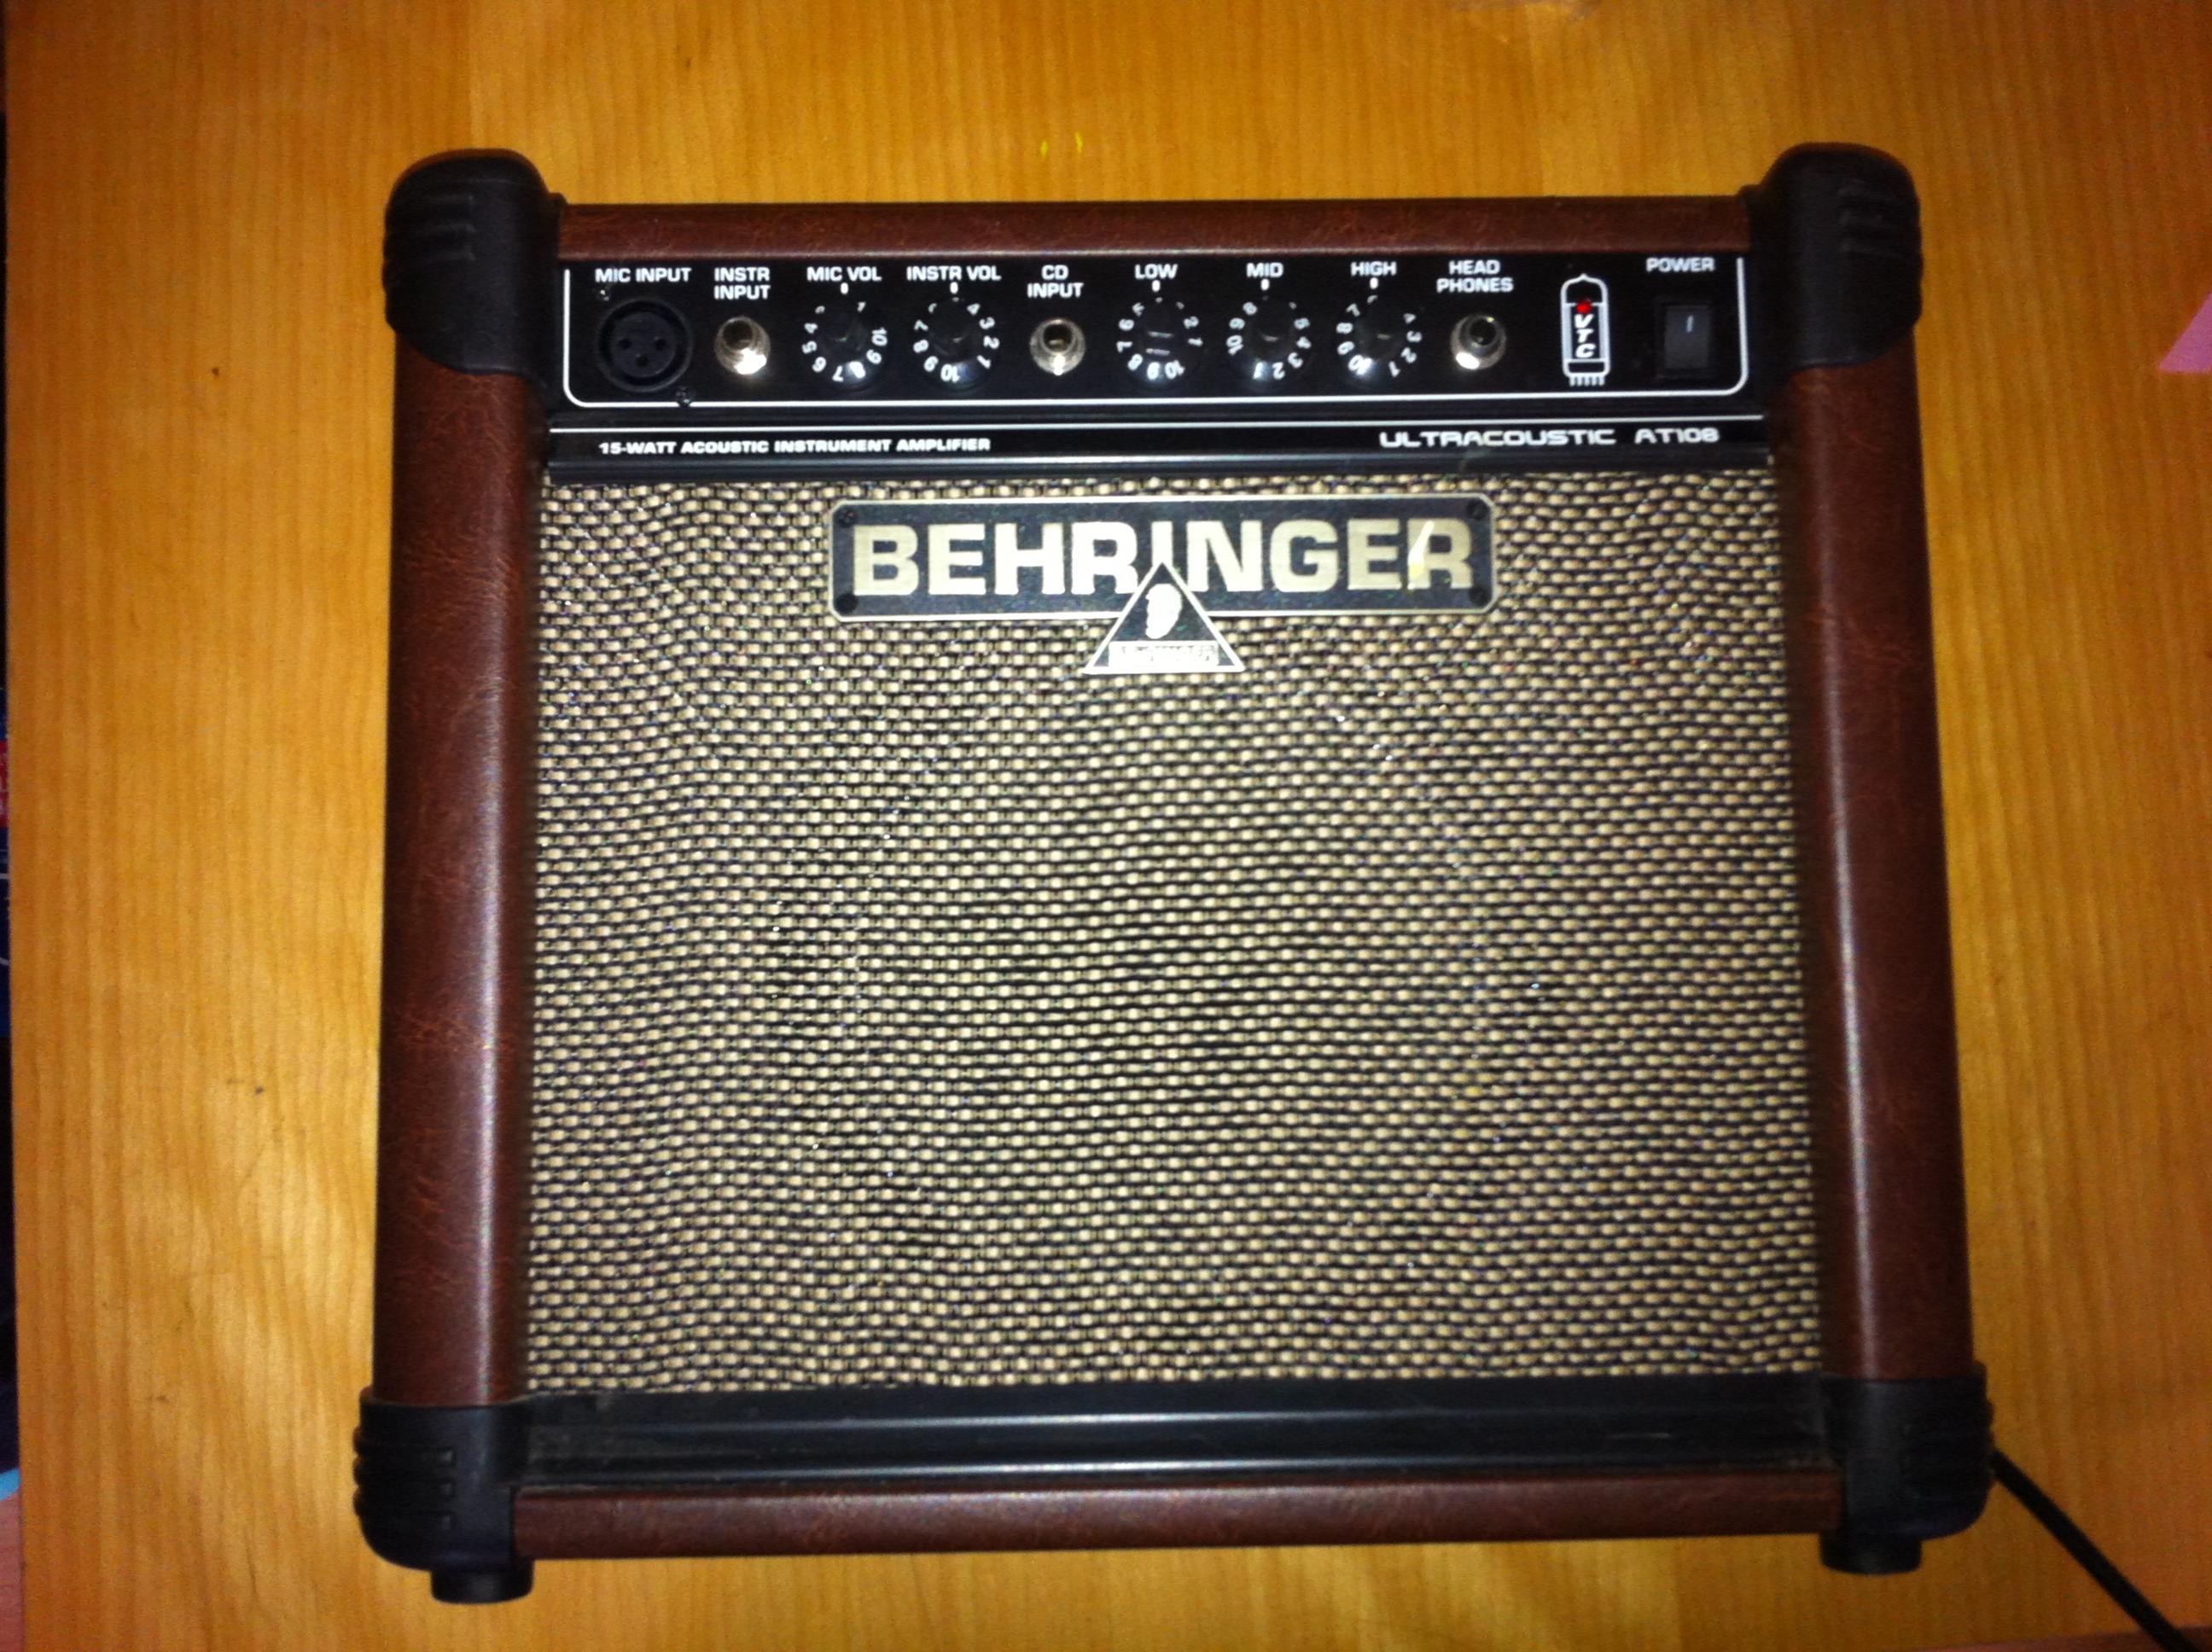 behringer ultracoustic at108 image 755917 audiofanzine. Black Bedroom Furniture Sets. Home Design Ideas